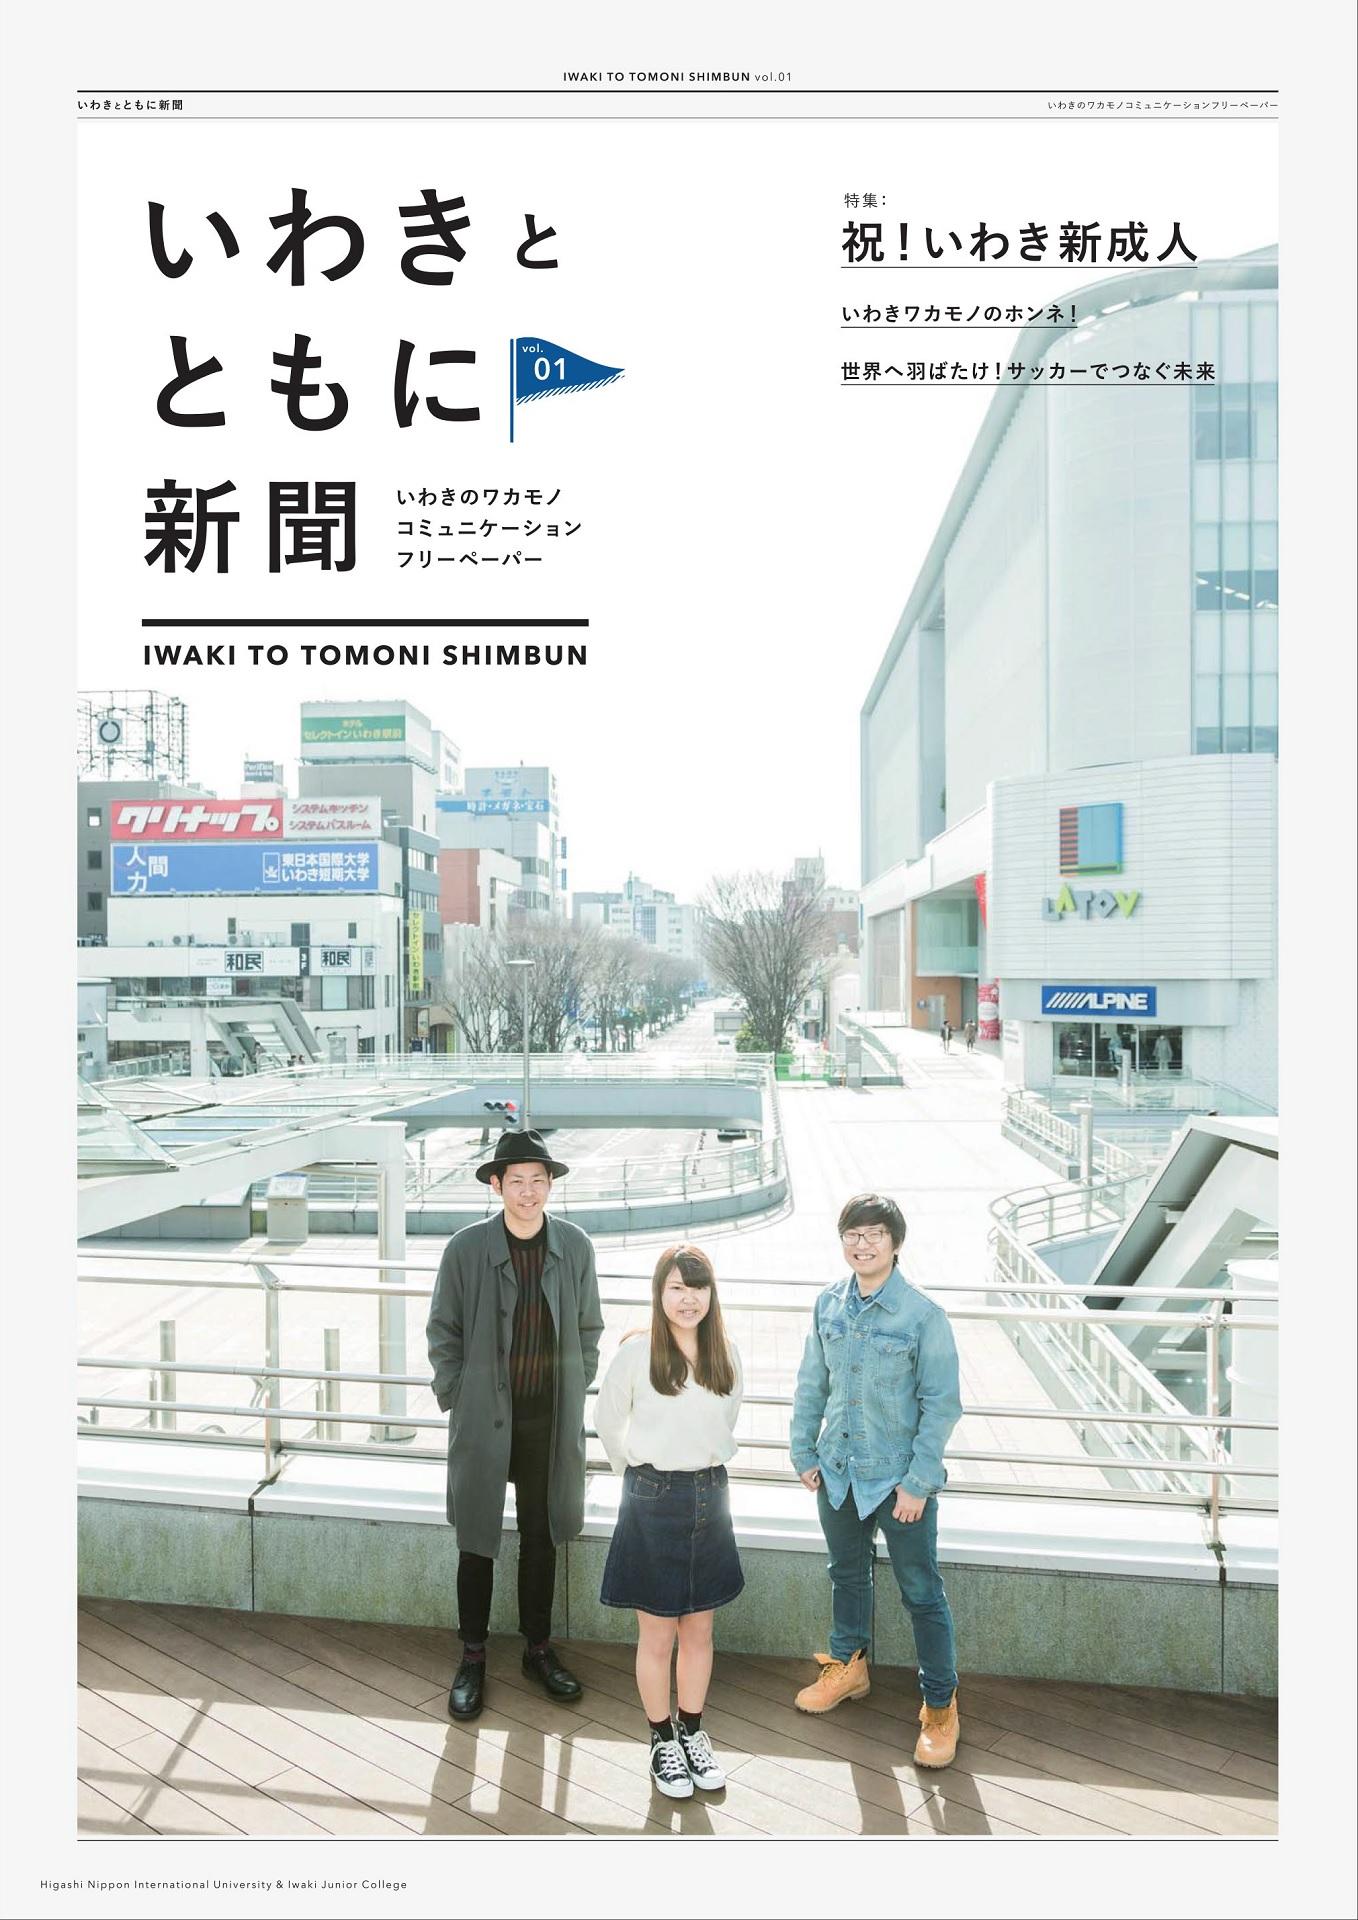 大学と地域をつなぐ広報紙「いわきとともに新聞」を発行 -- 東日本国際大学